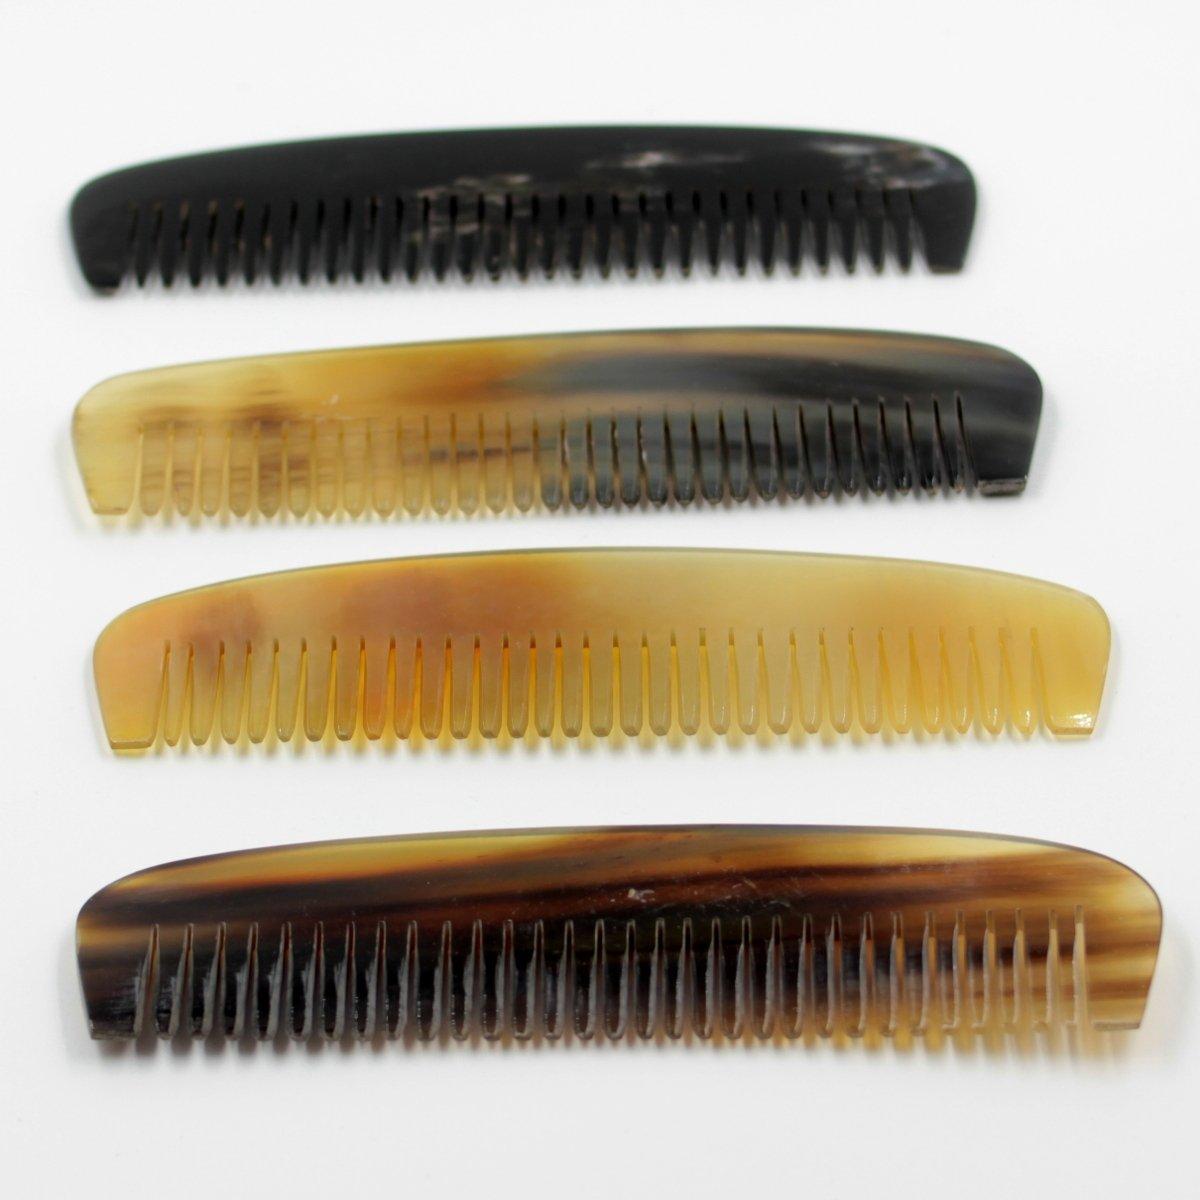 Lược sừng phụ kiện chăm sóc tóc và da đầu